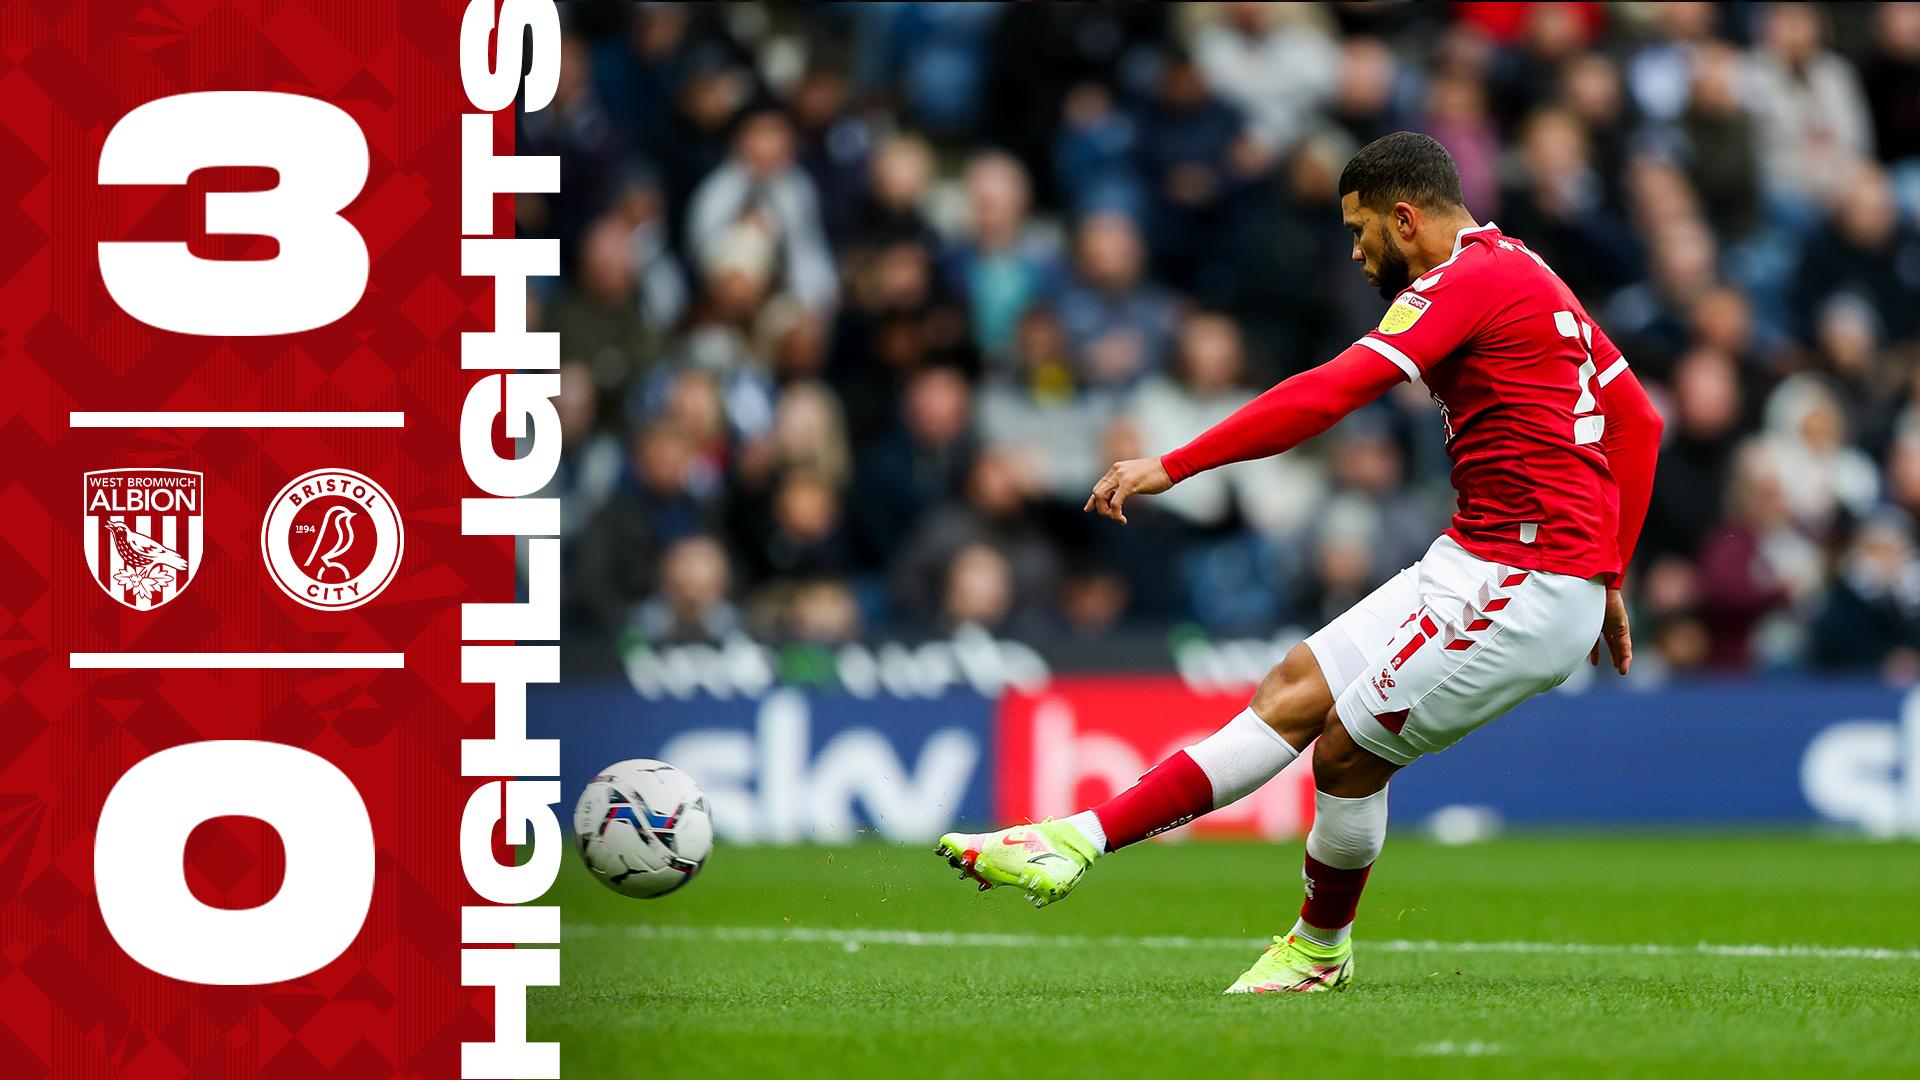 West Bromwich Albion 3-0 Bristol City